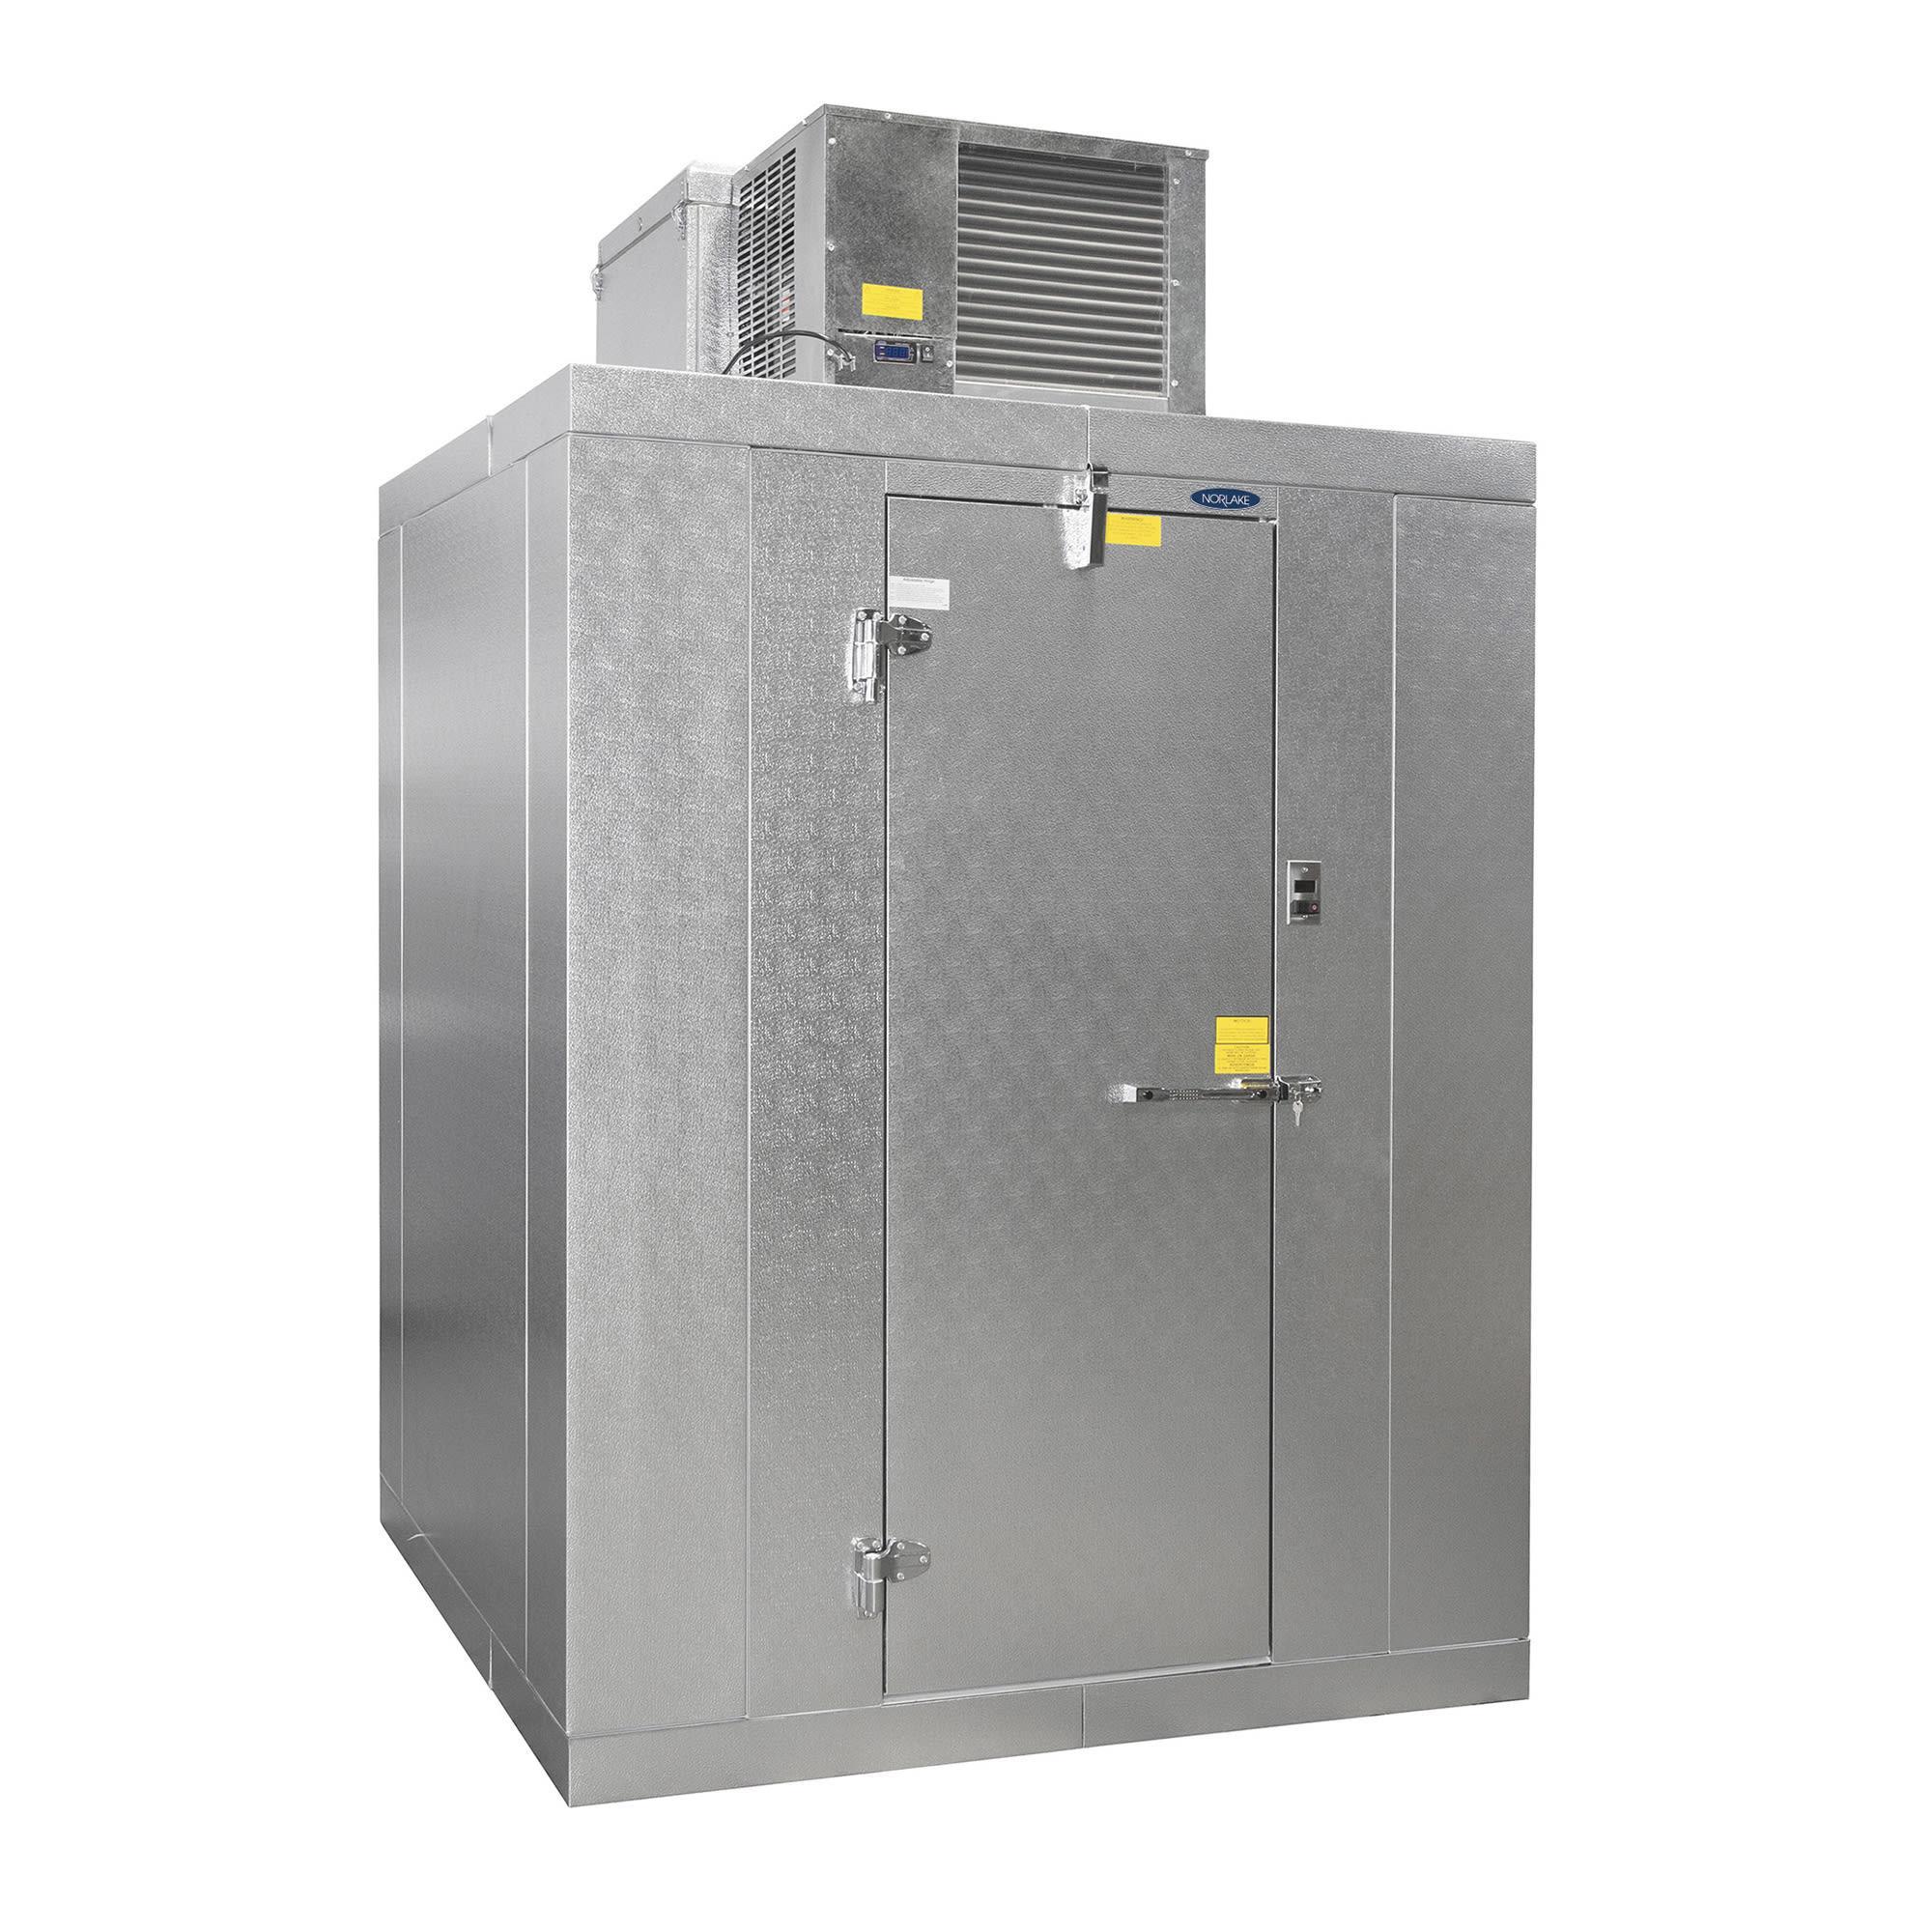 Norlake KLF77814-C Indoor Walk-In Freezer w/ Top Mount Compressor, 8' x 14'